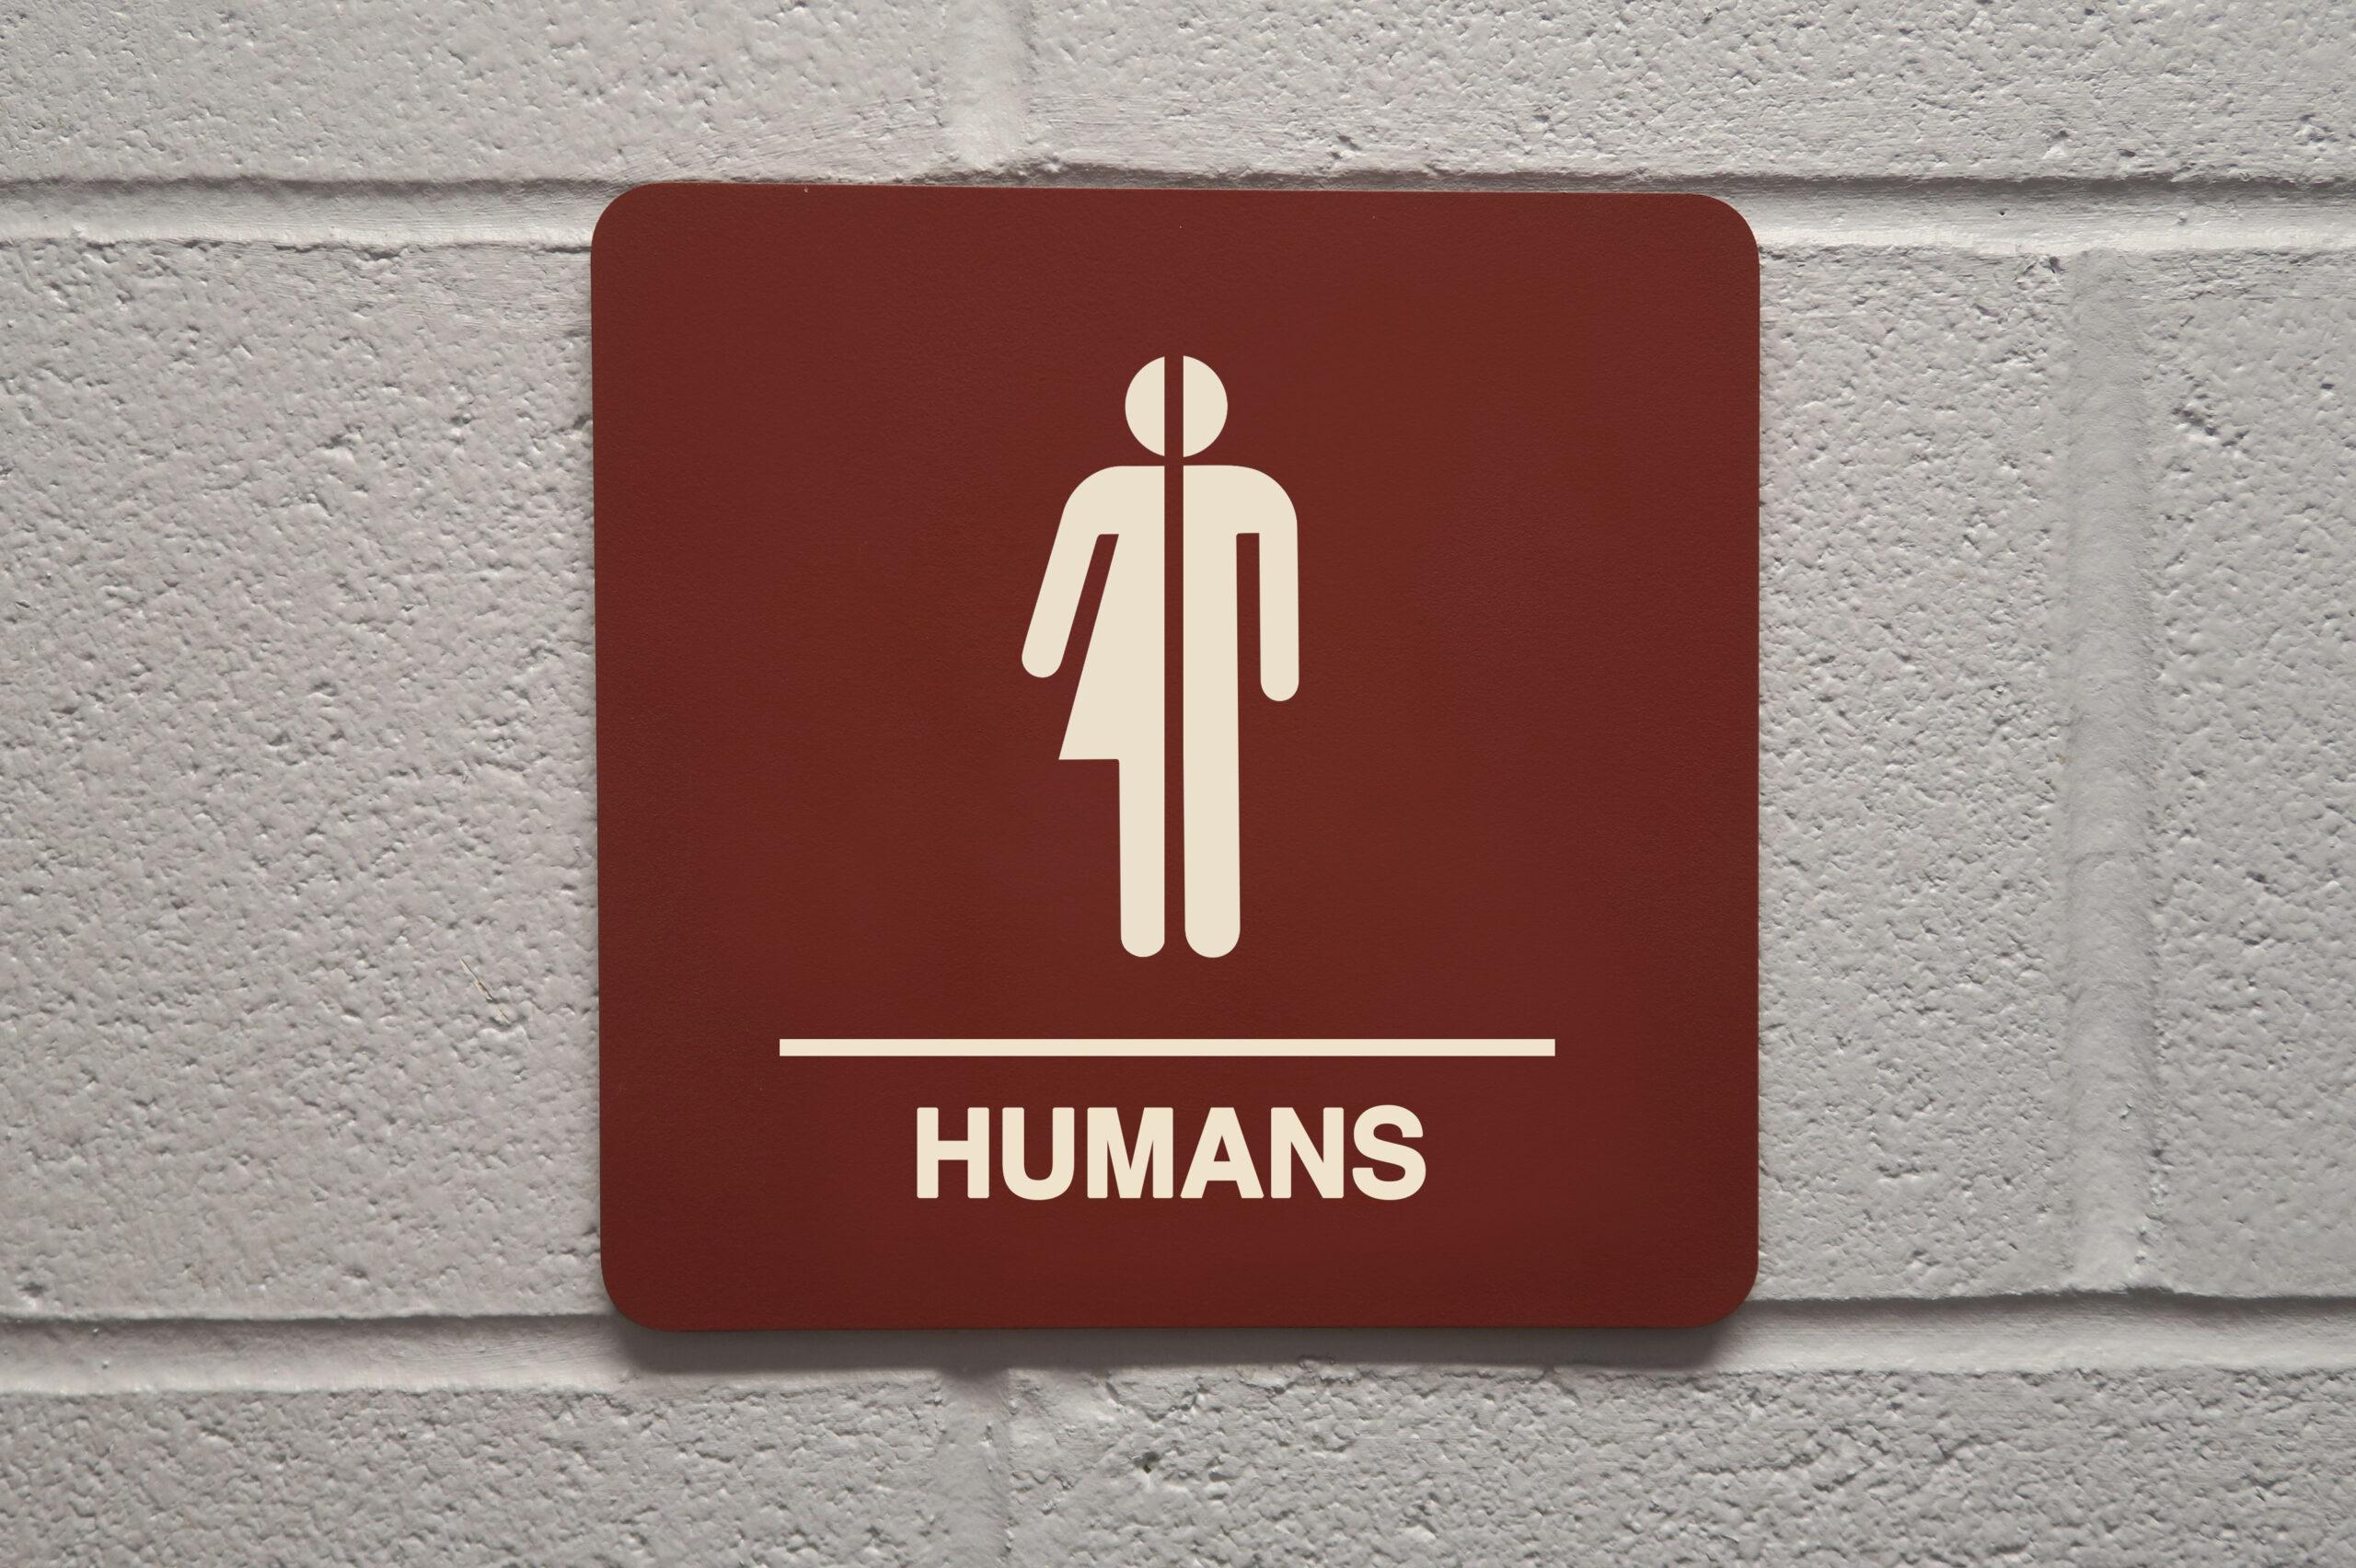 Close up of gender neutral restroom sign